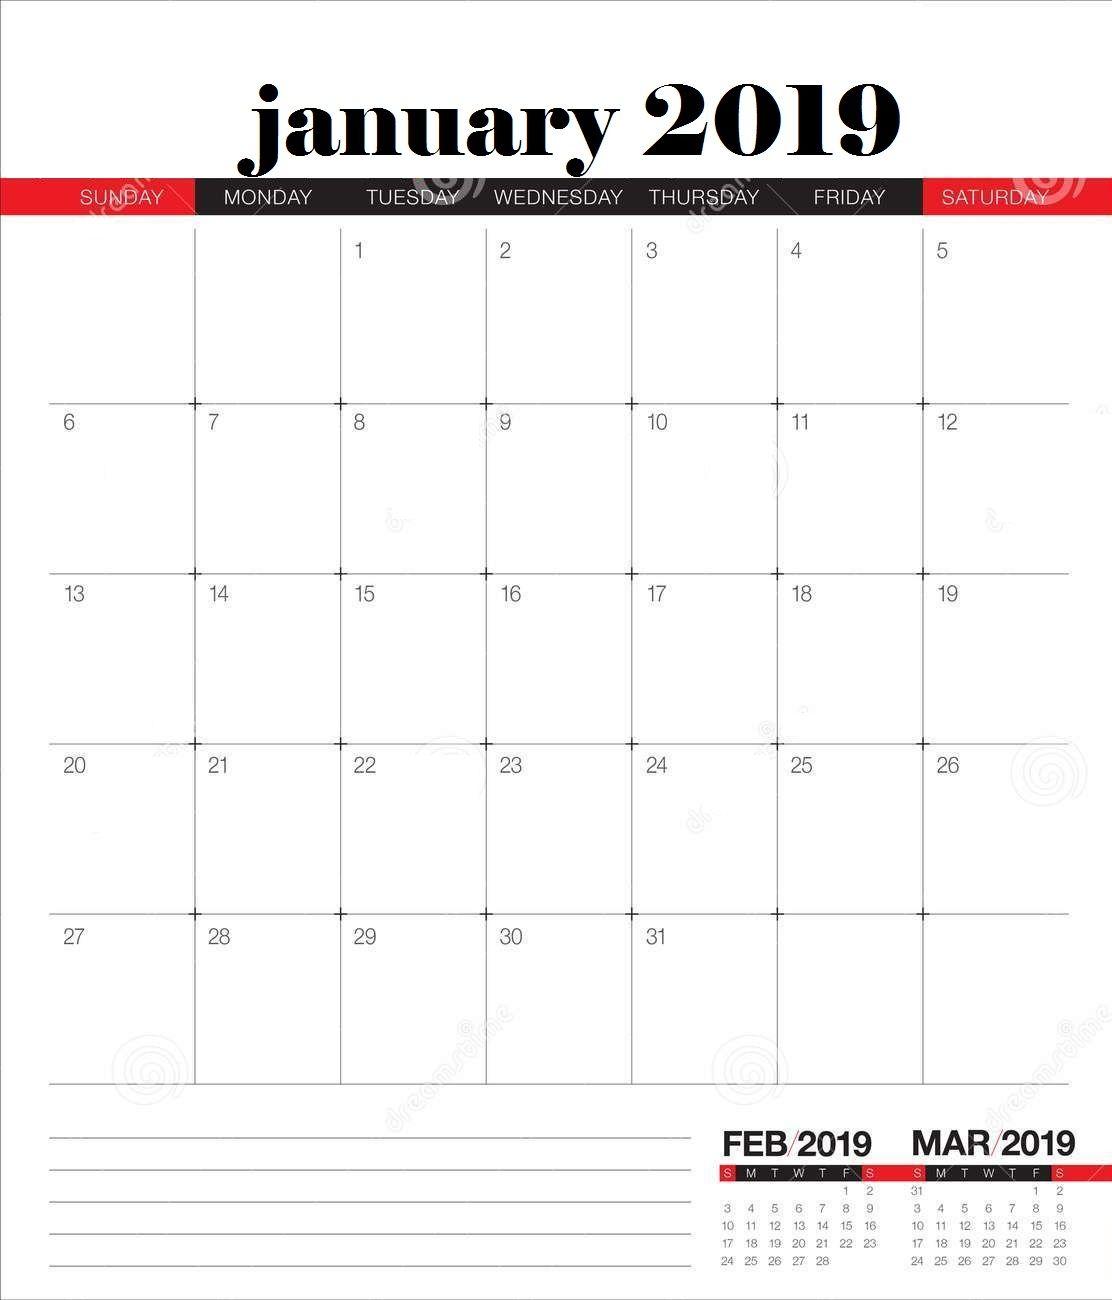 January 2019 Desk Calendar Template Desk Calendar Template Desk